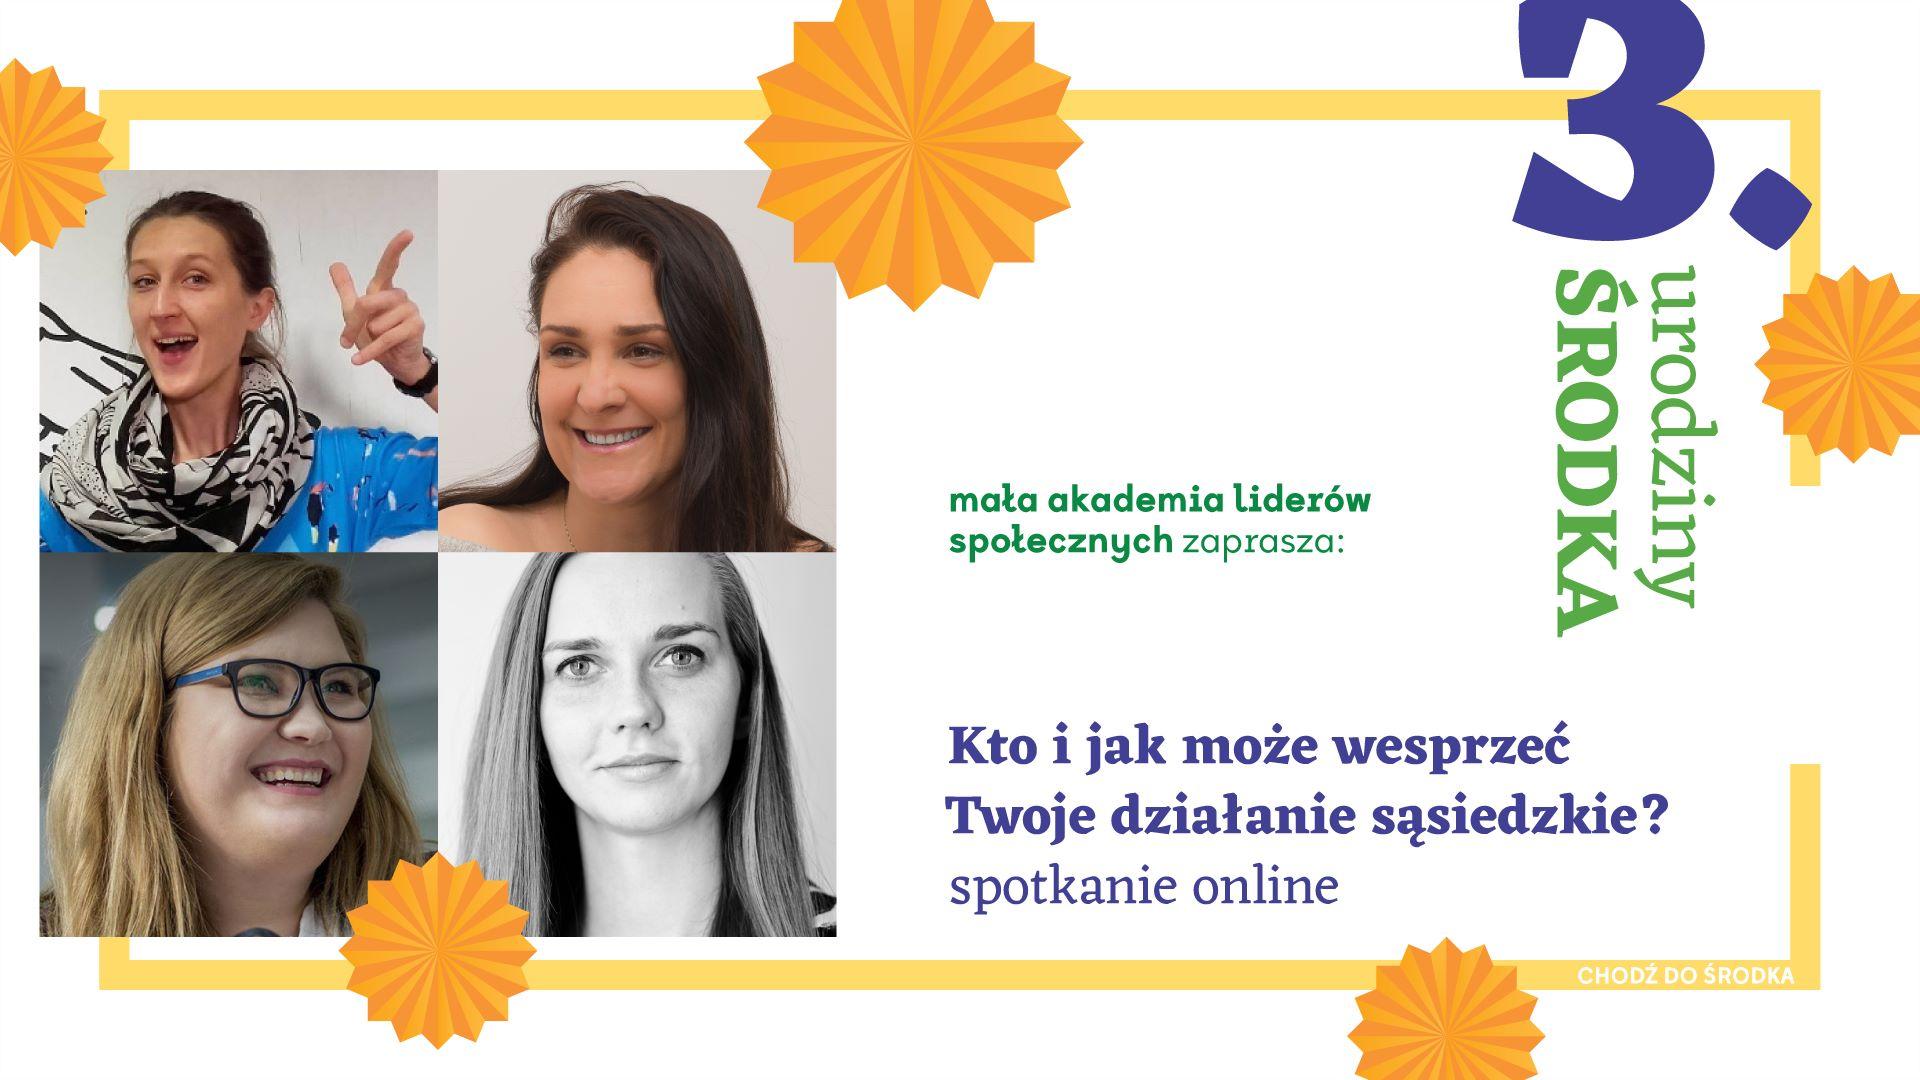 3. urodziny ŚRODKA- Kto i jak może wesprzeć działania sąsiedzkie?- spotkanie online